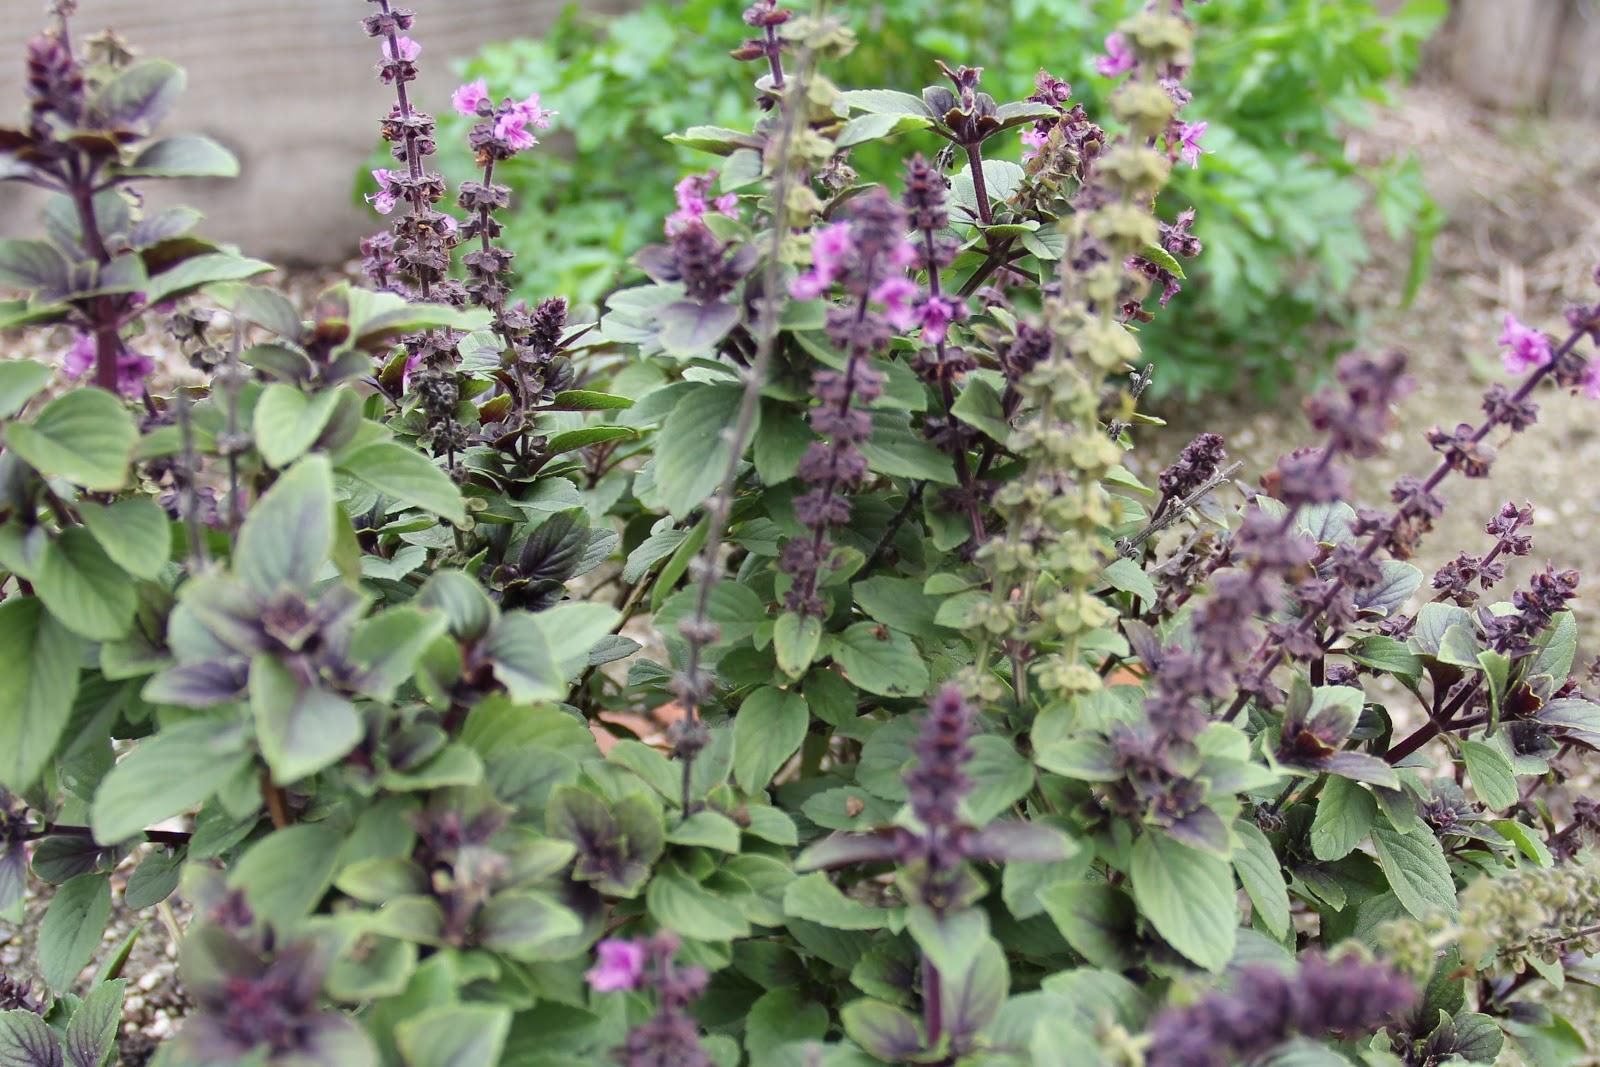 النباتات الطاردة للبعوض